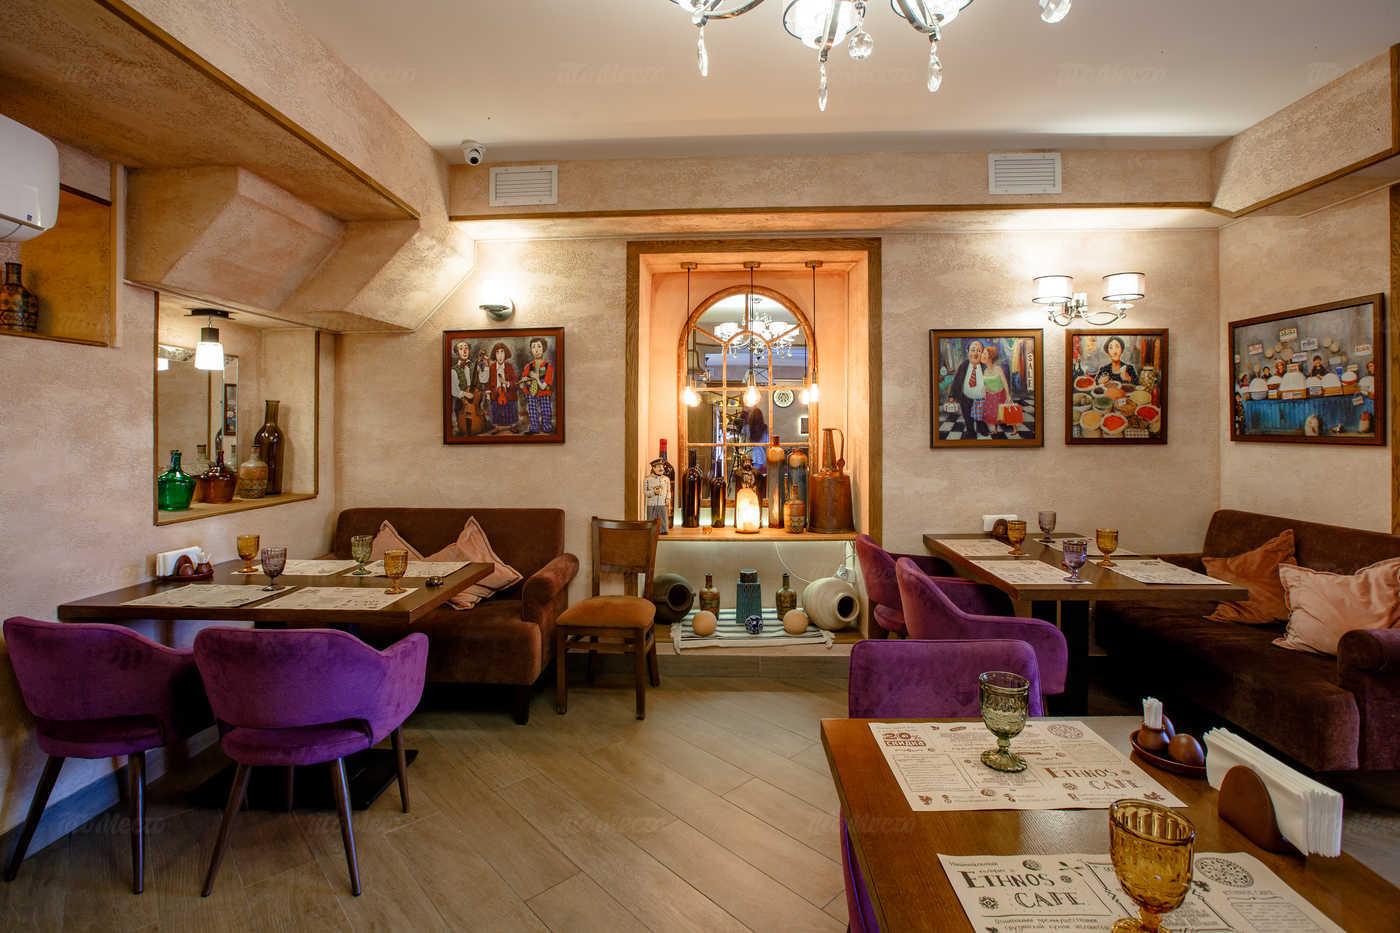 Кафе Этнос в Кузнечном переулке фото 11